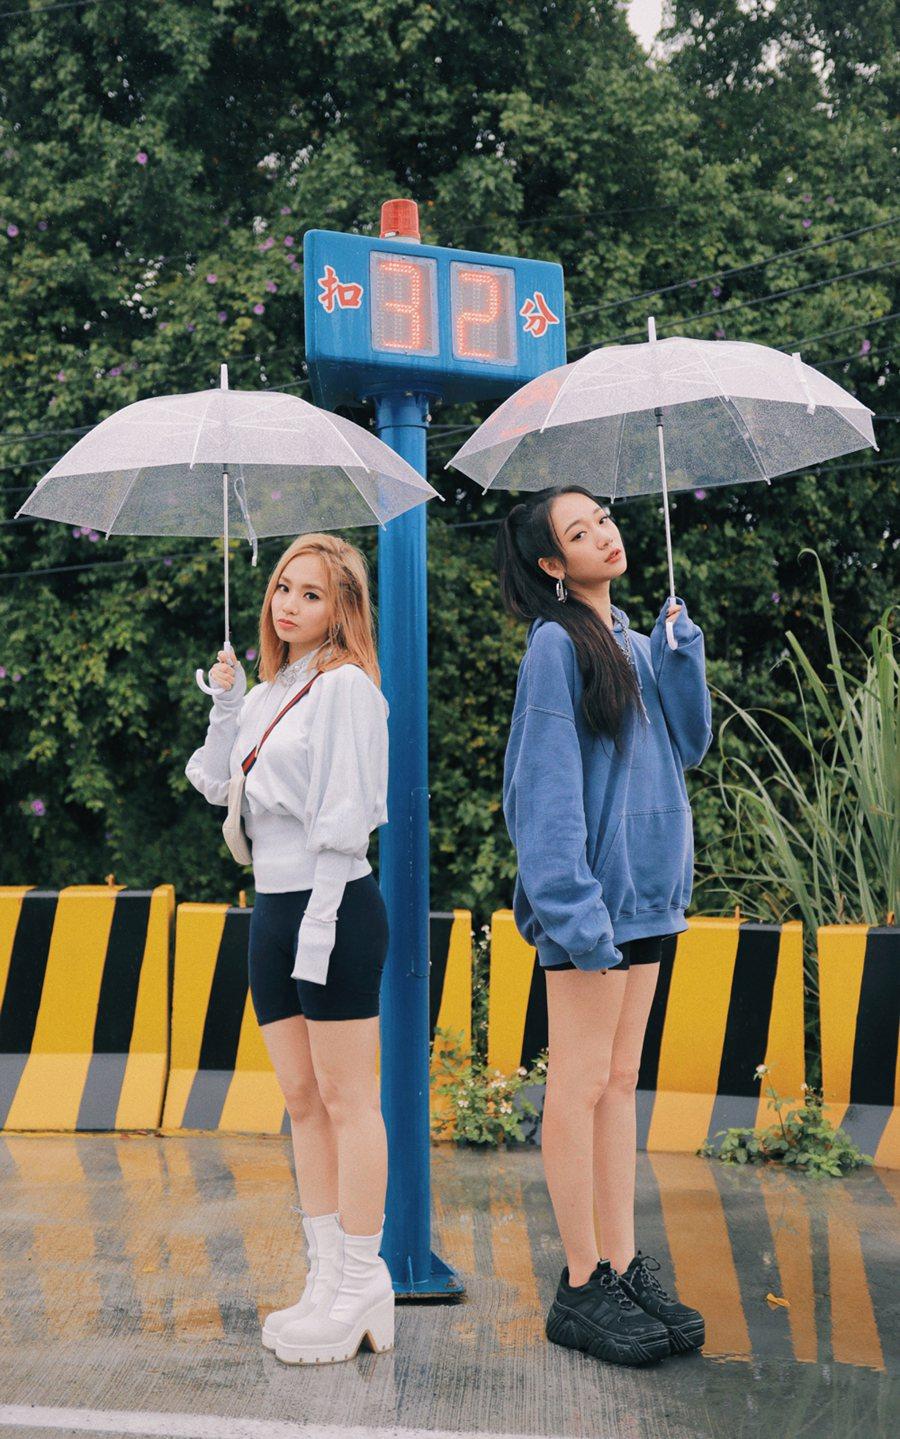 吳卓源(右)和陳芳語相識多年,新歌高唱友情萬歲。圖/華風數位提供